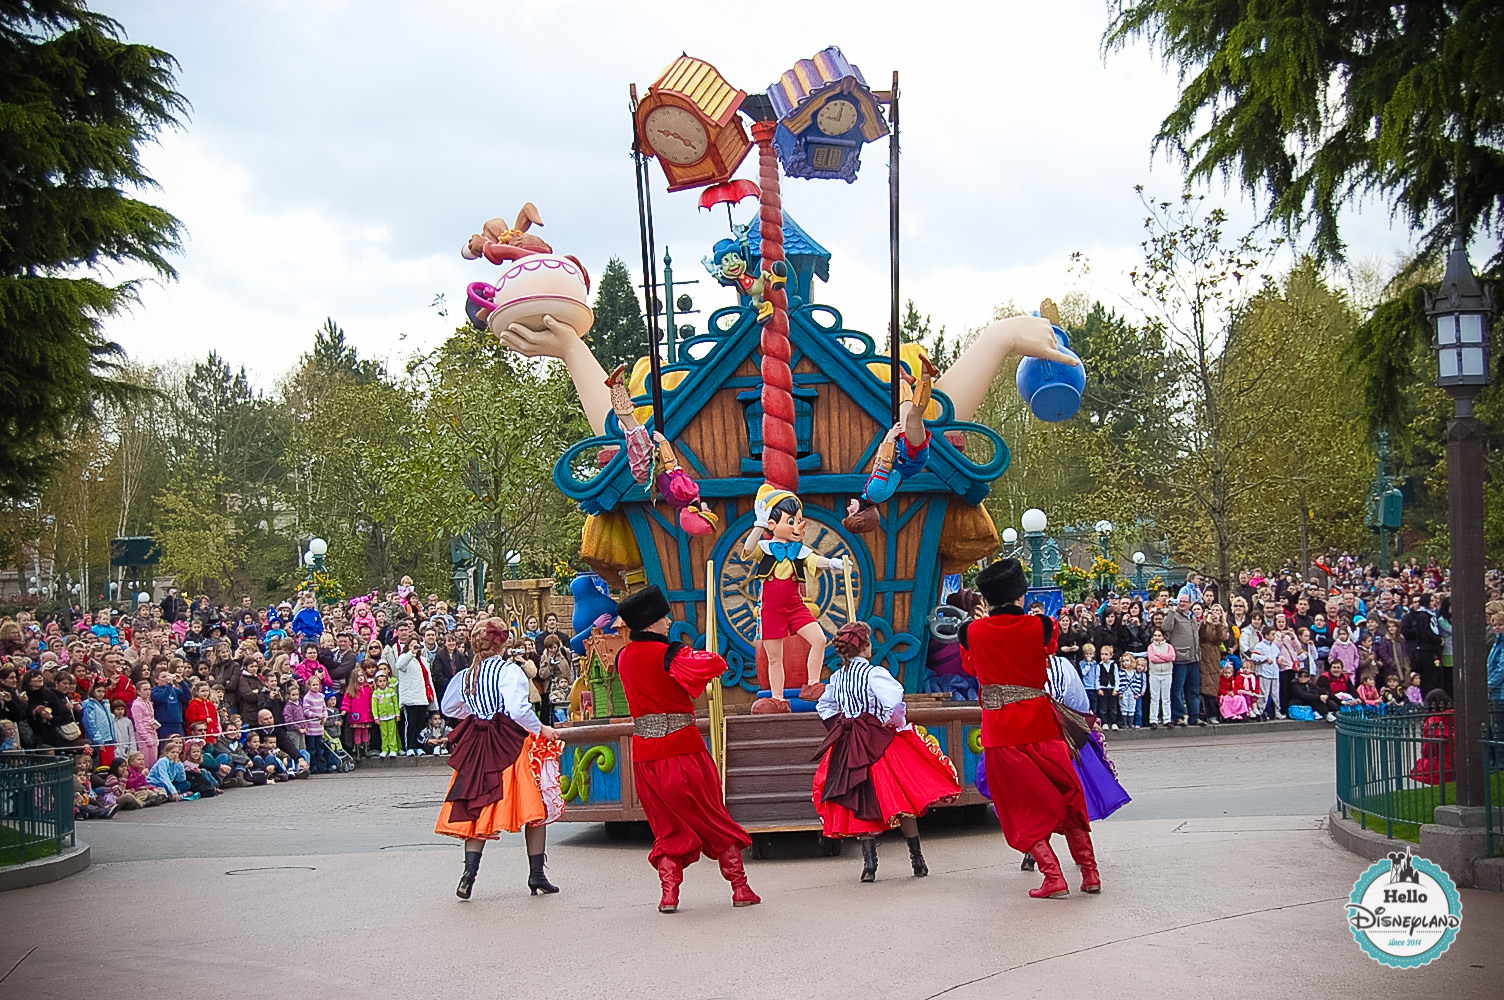 Disney Once Upon a Dream Parade - Disneyland Paris -5